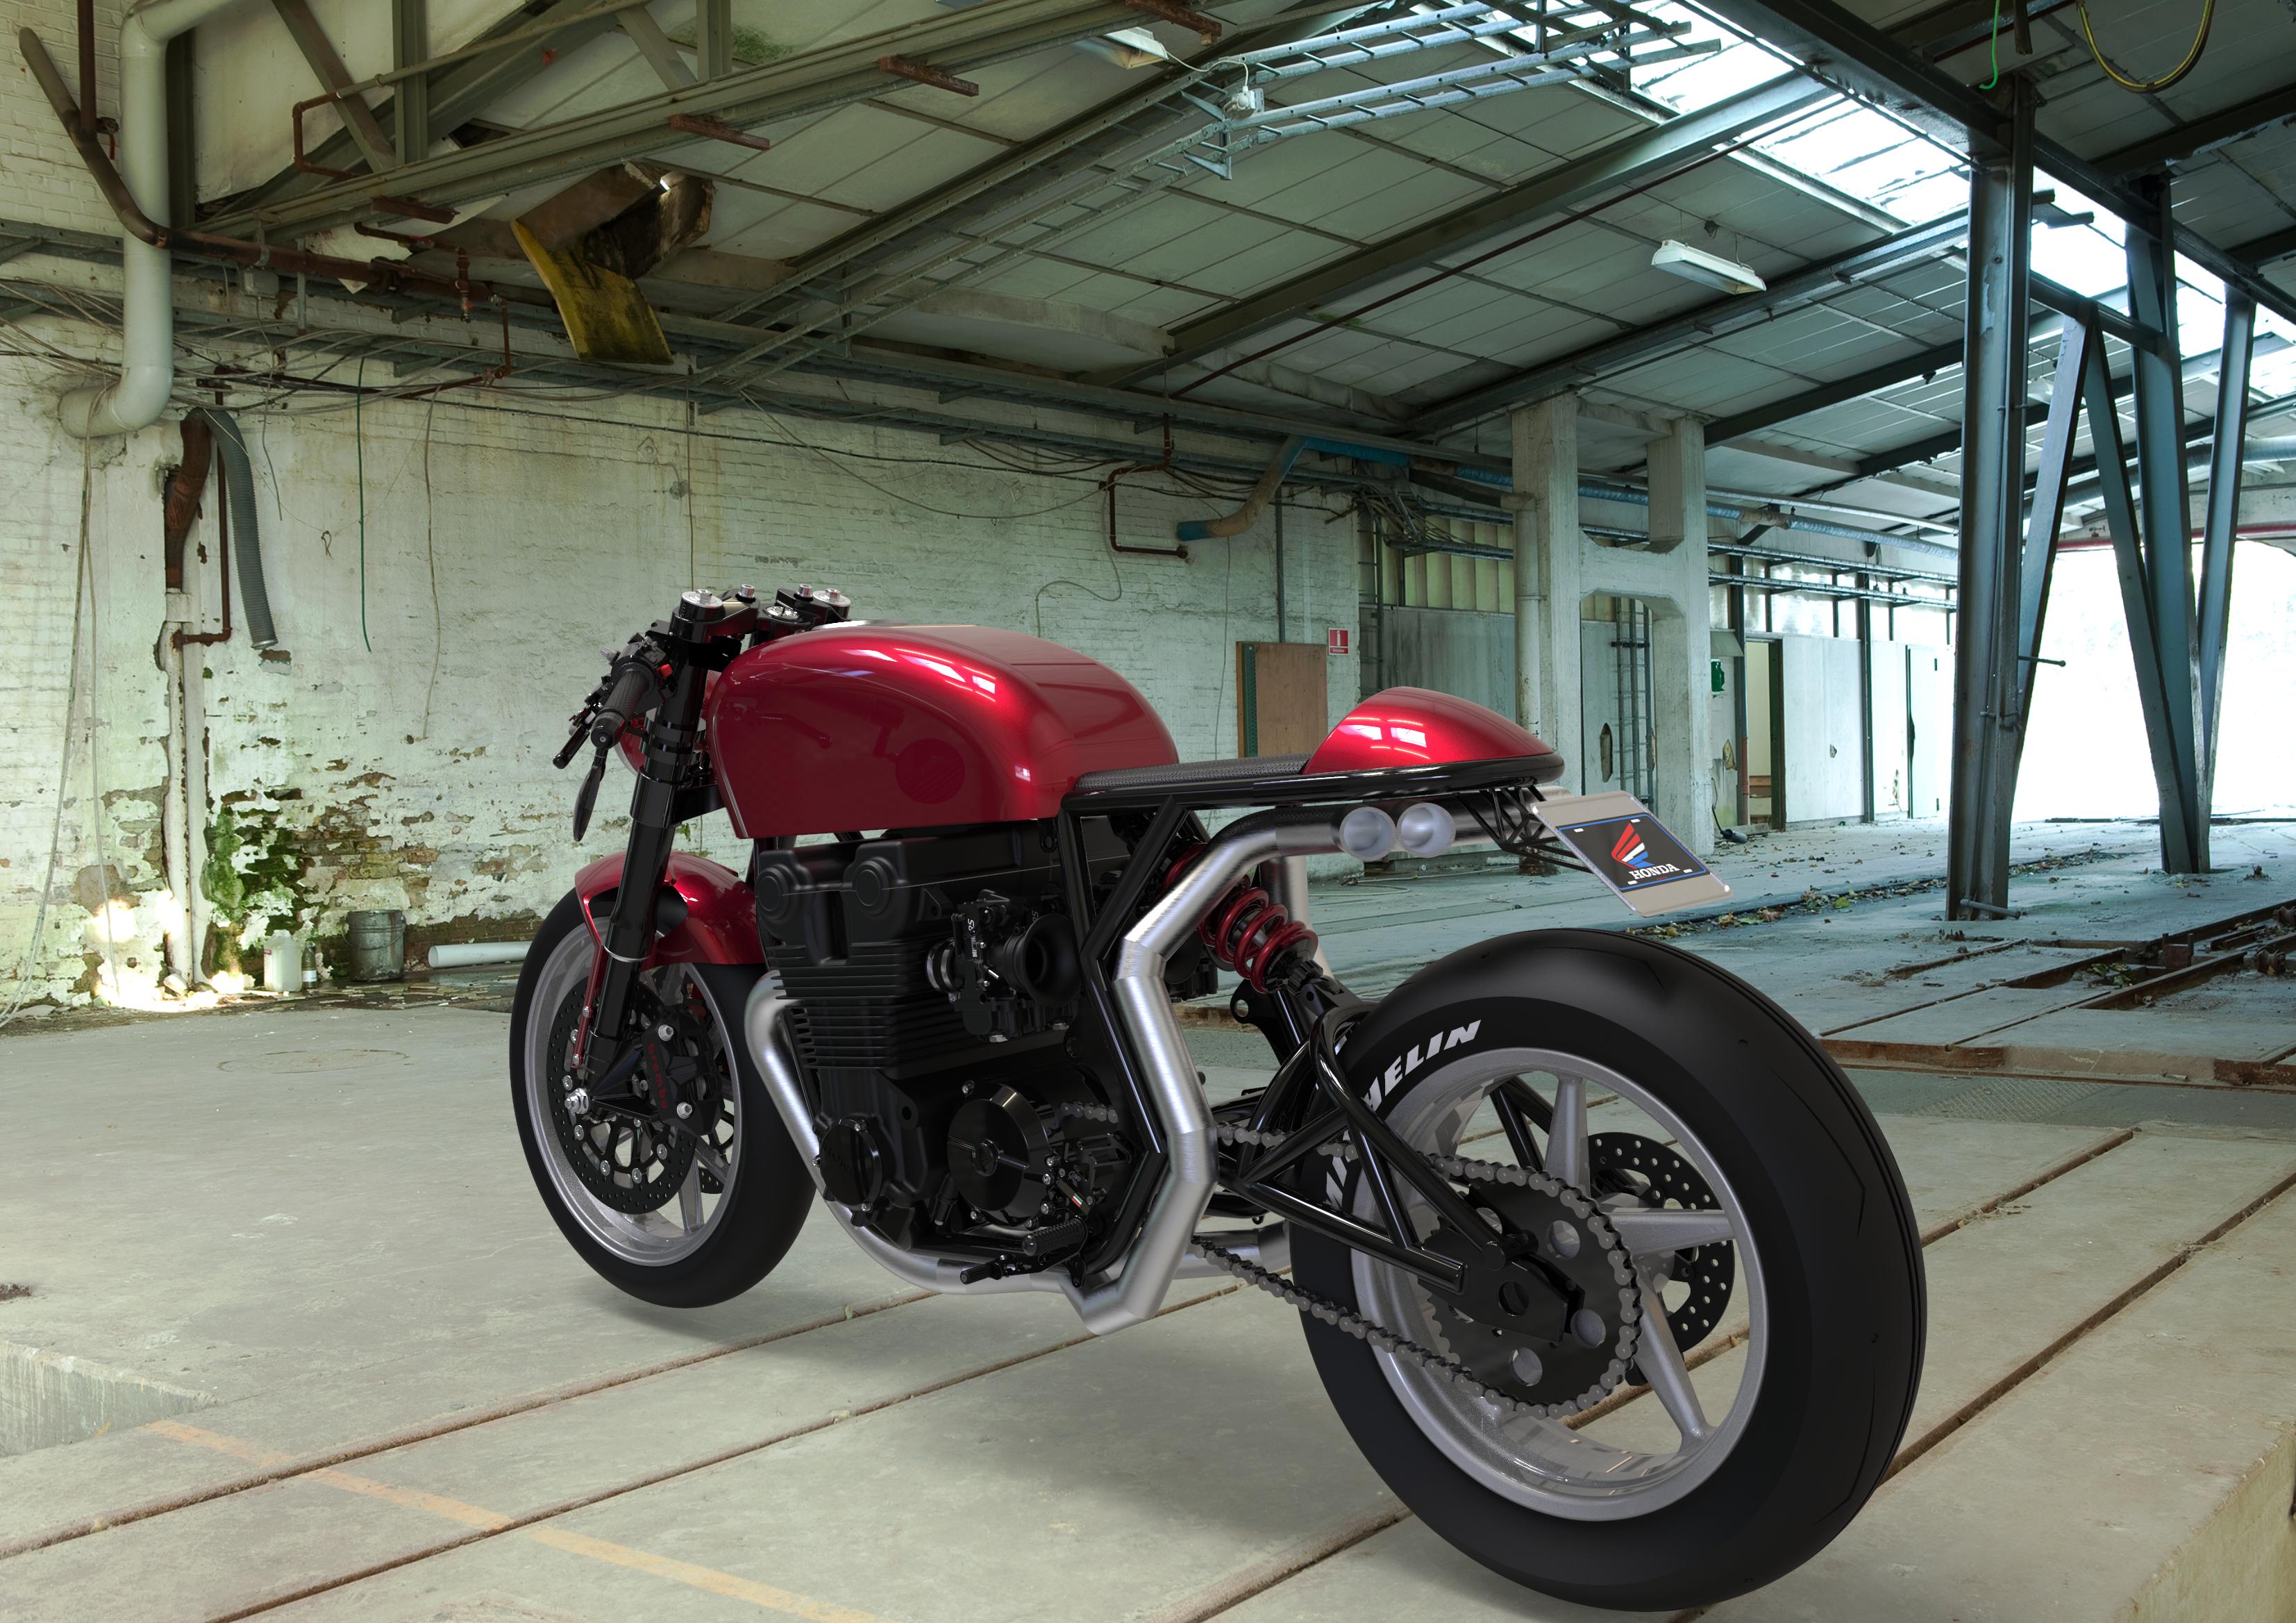 Honda CB750 Cafe Racer, rear TQ view